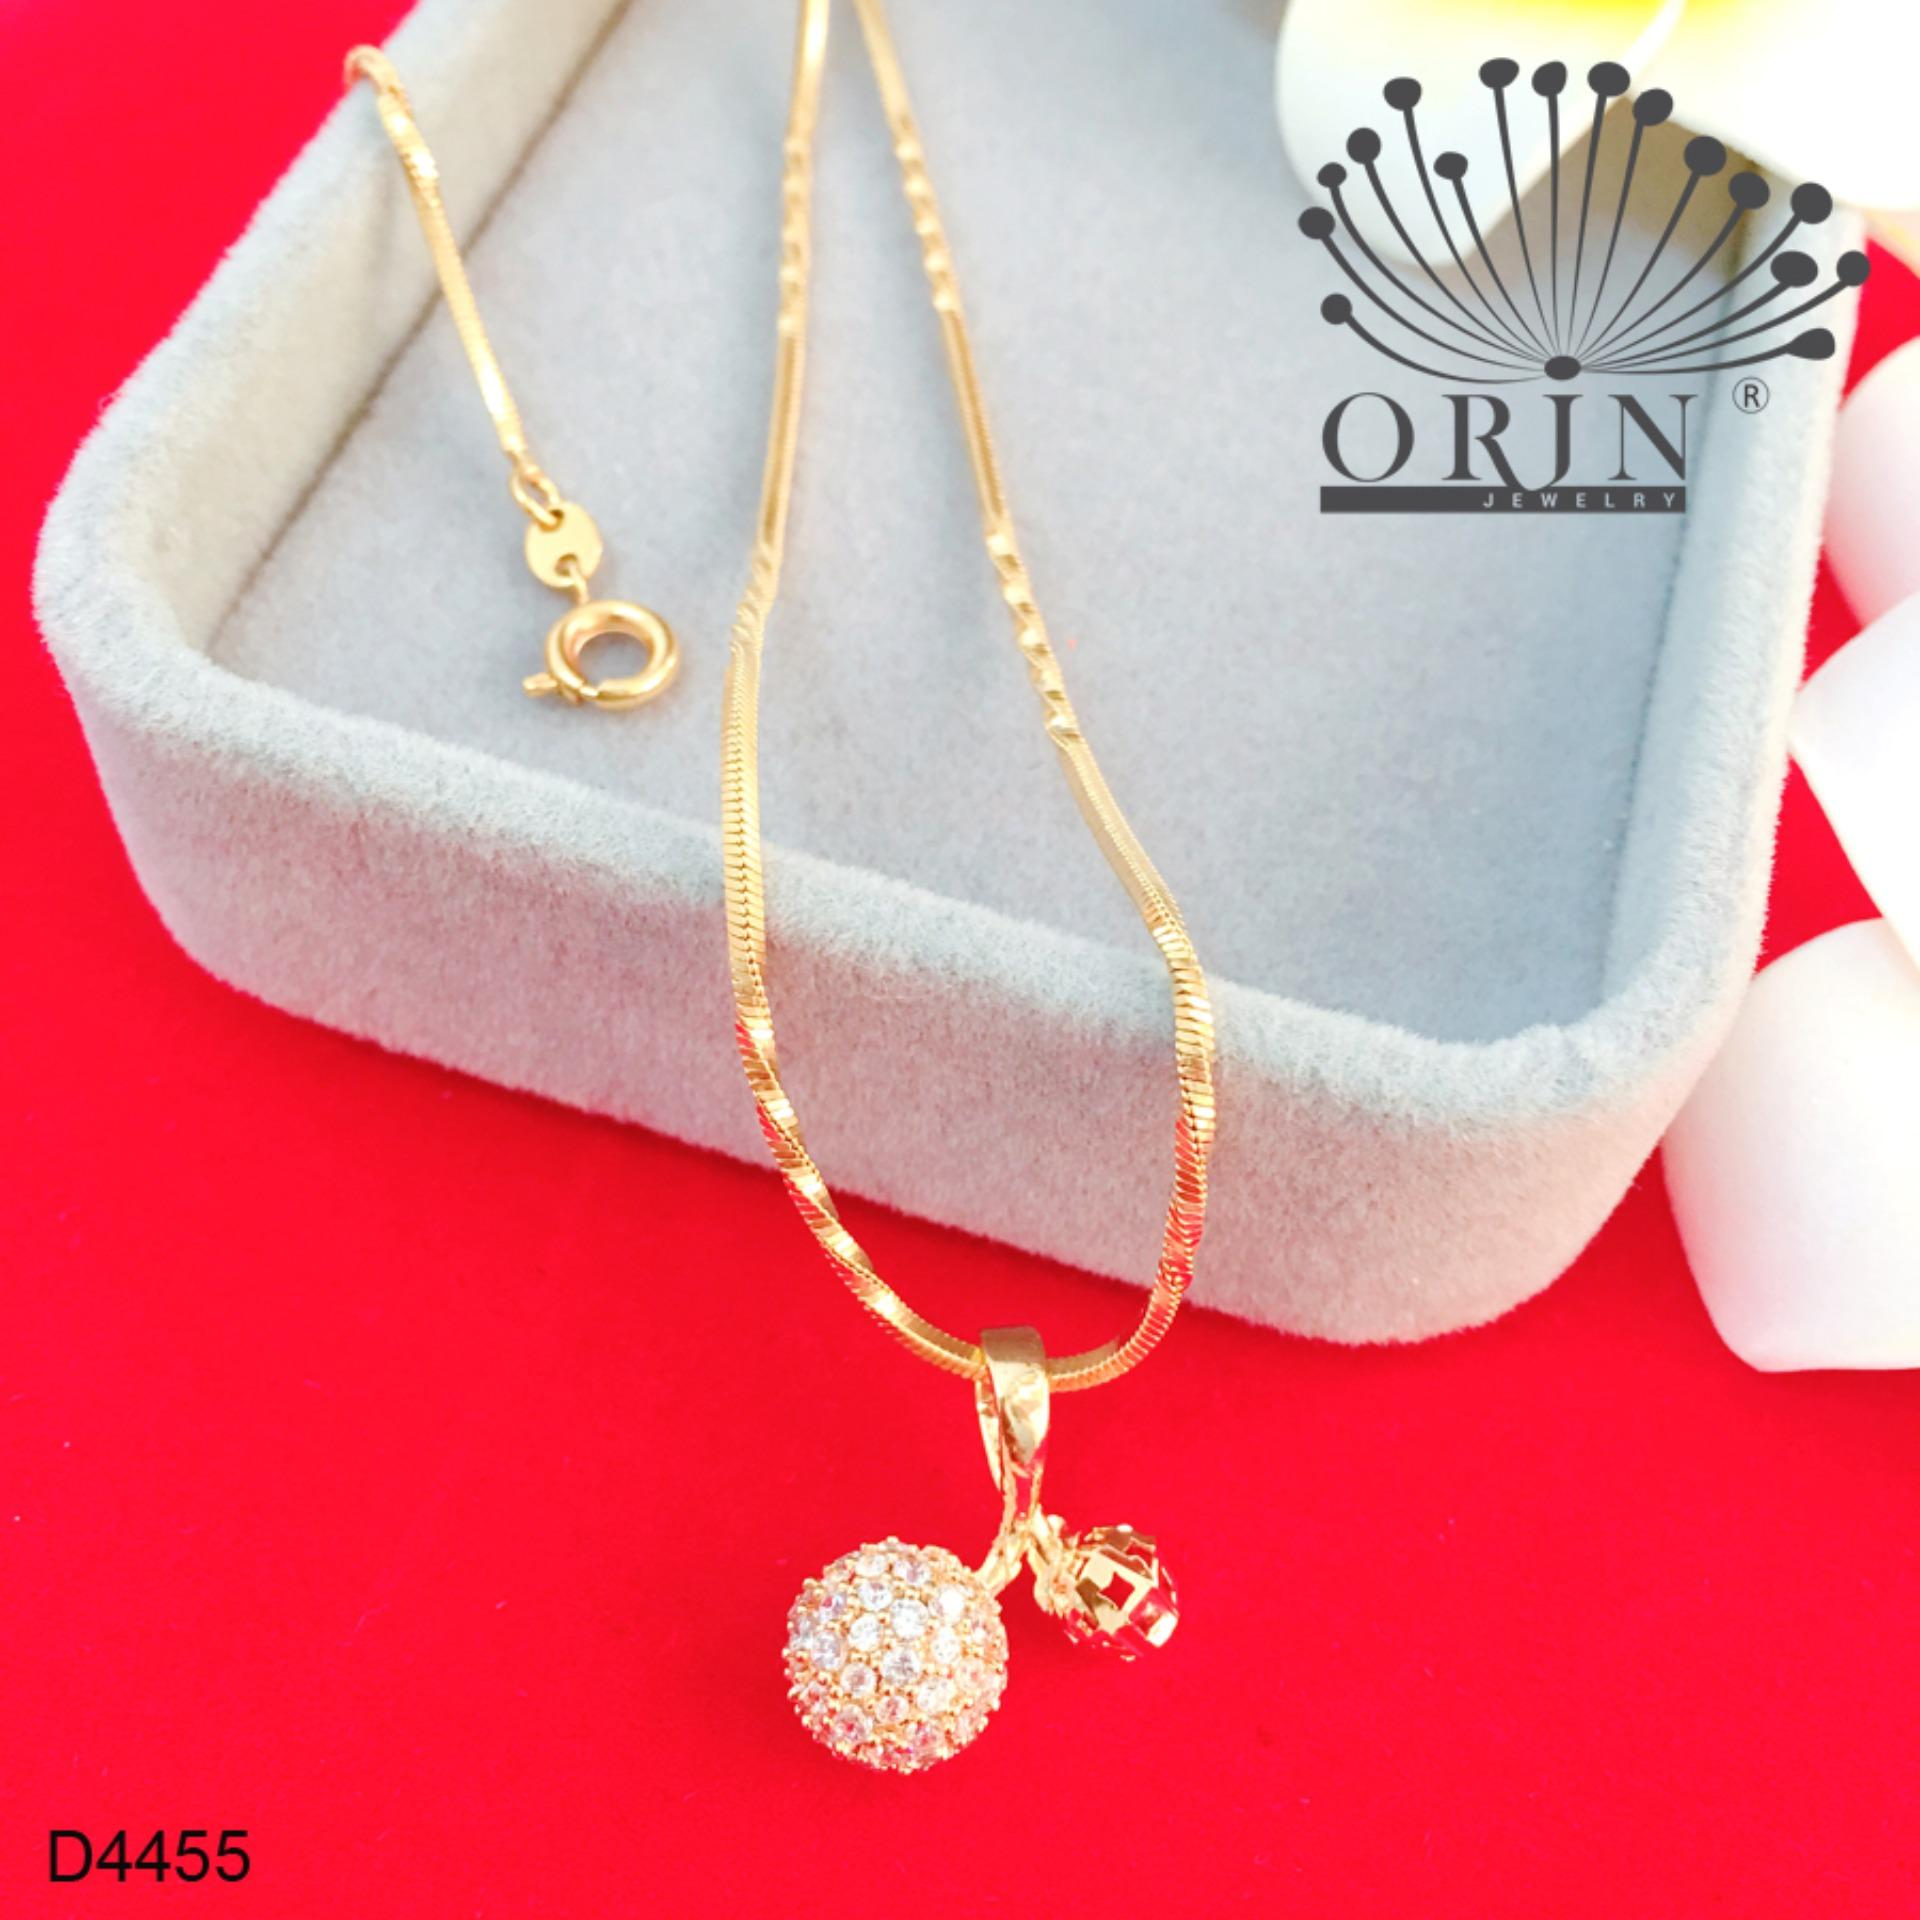 Dây chuyền mạ vàng 24k dạng mì xoắn mặt trái cherry đính đá thiết kế cao cấp Orin D4455